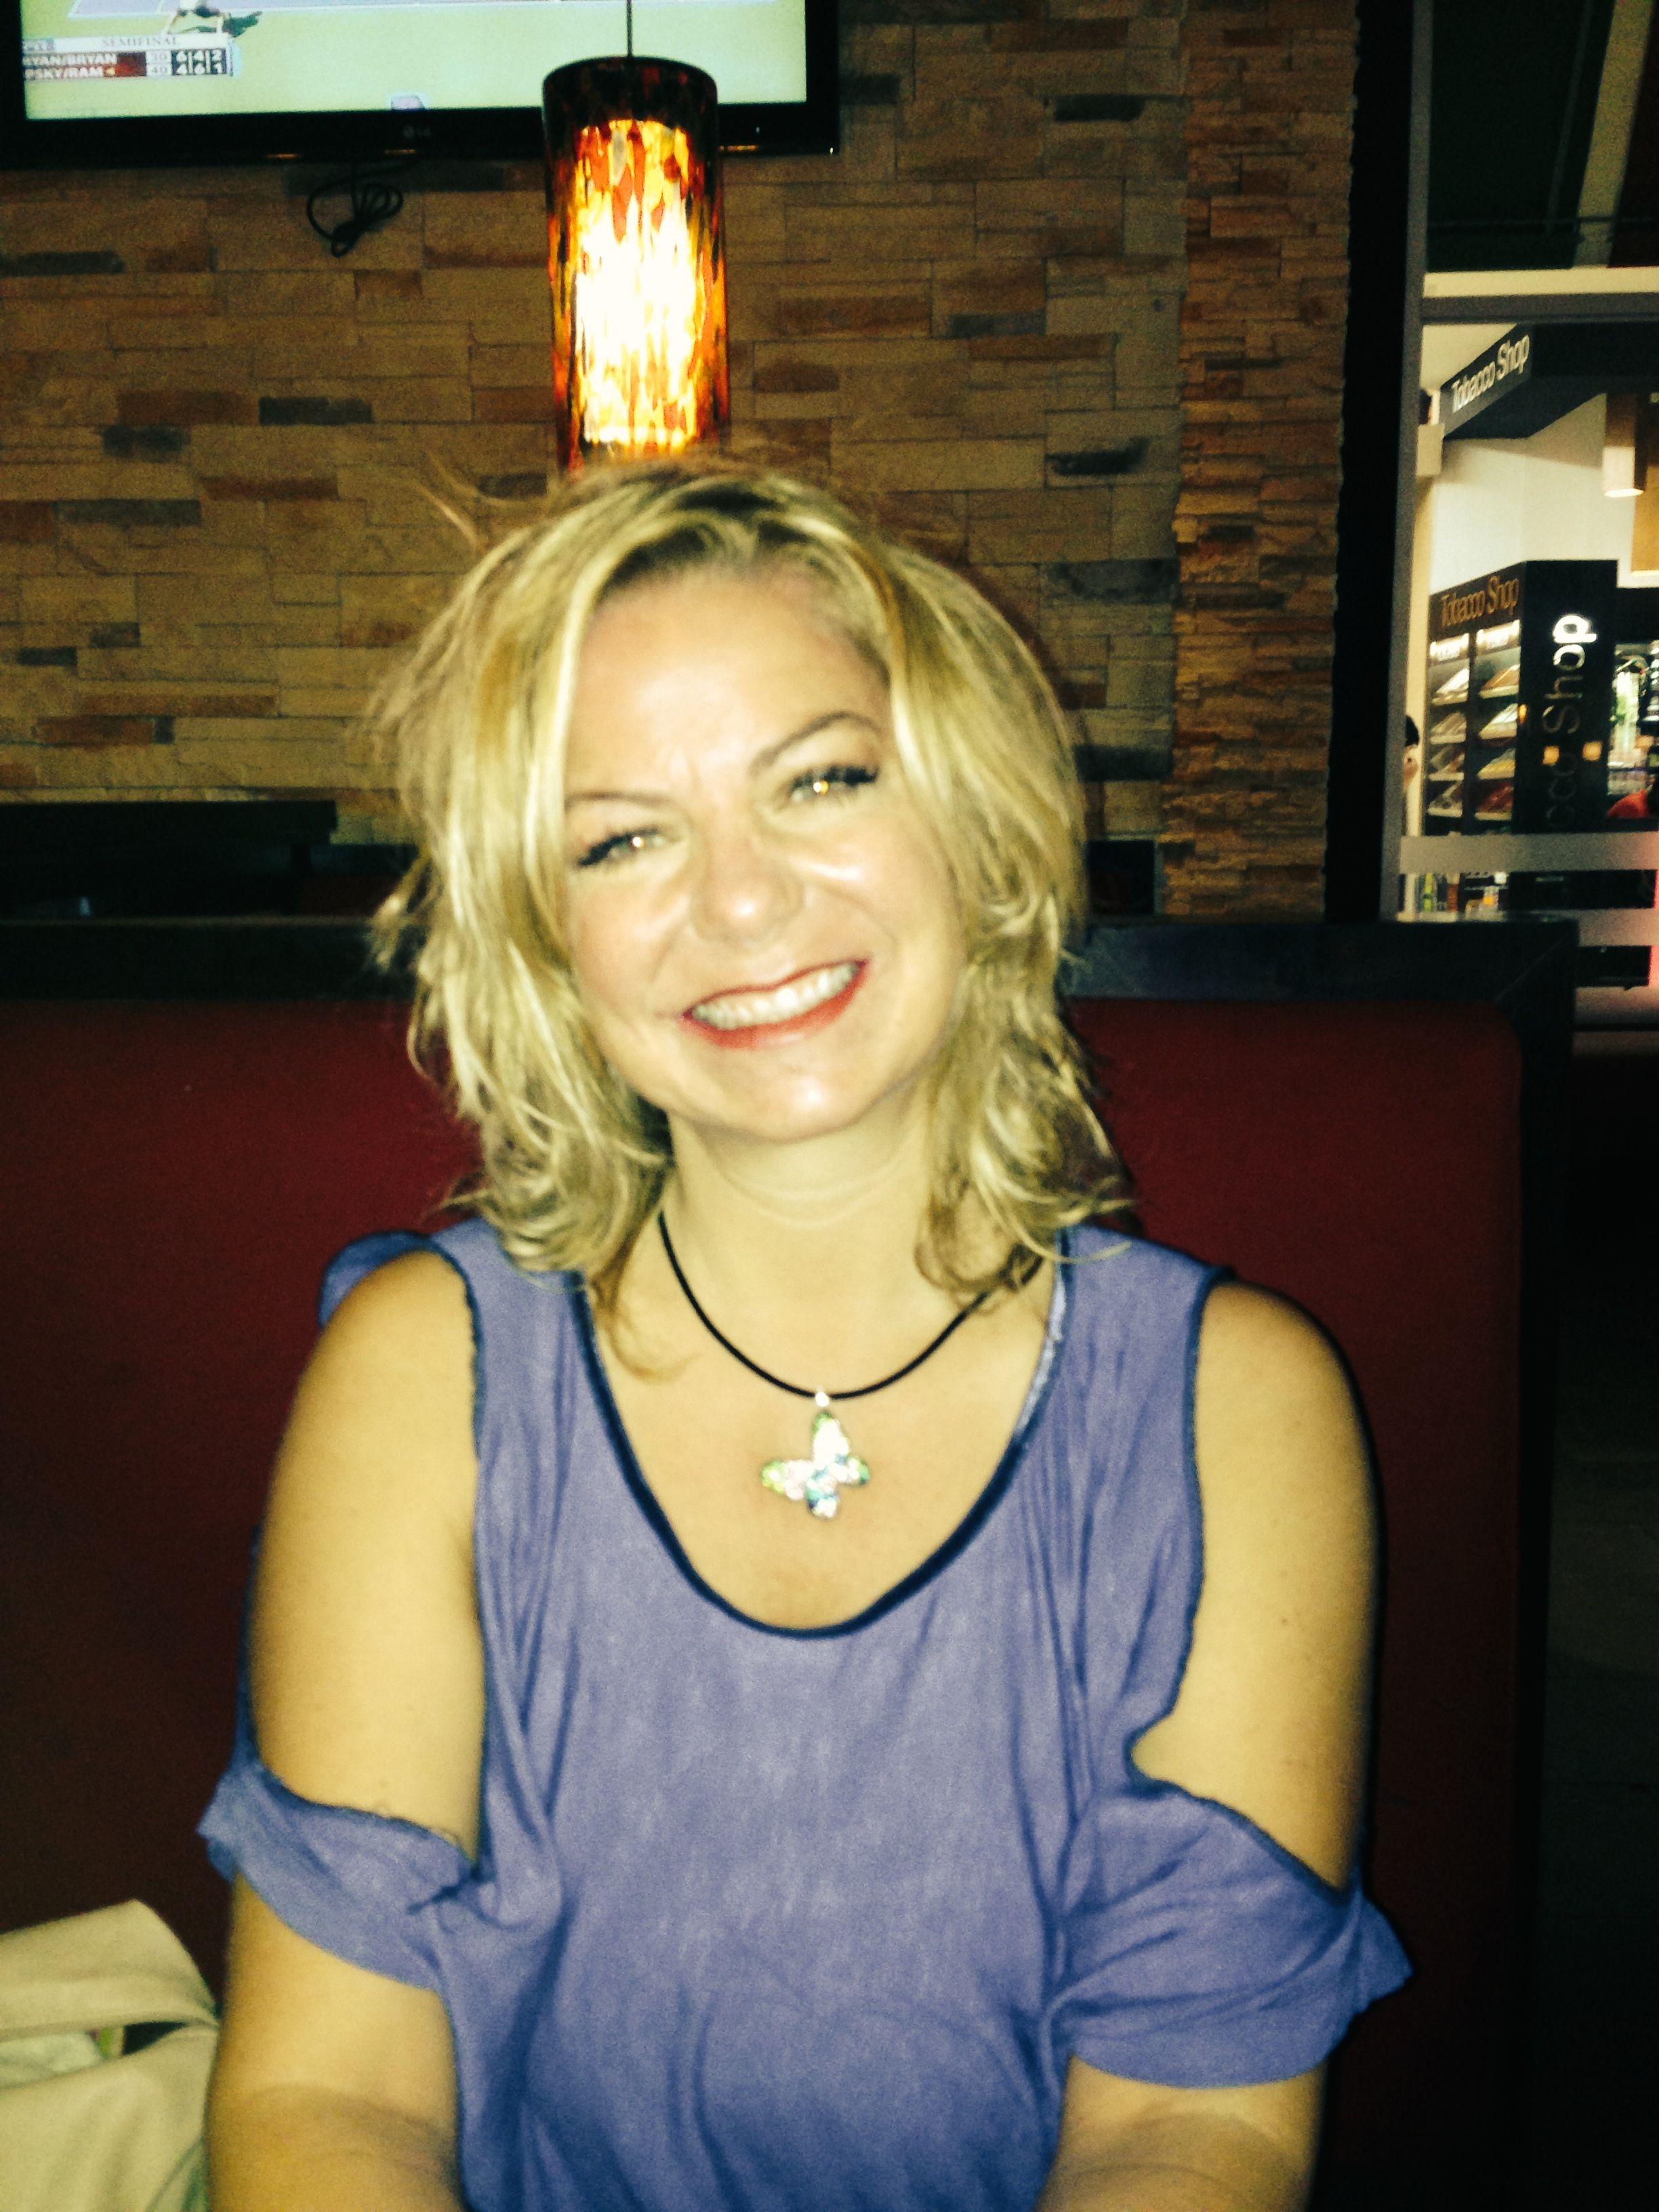 danna-bowman-thyroid-nation-profile-1